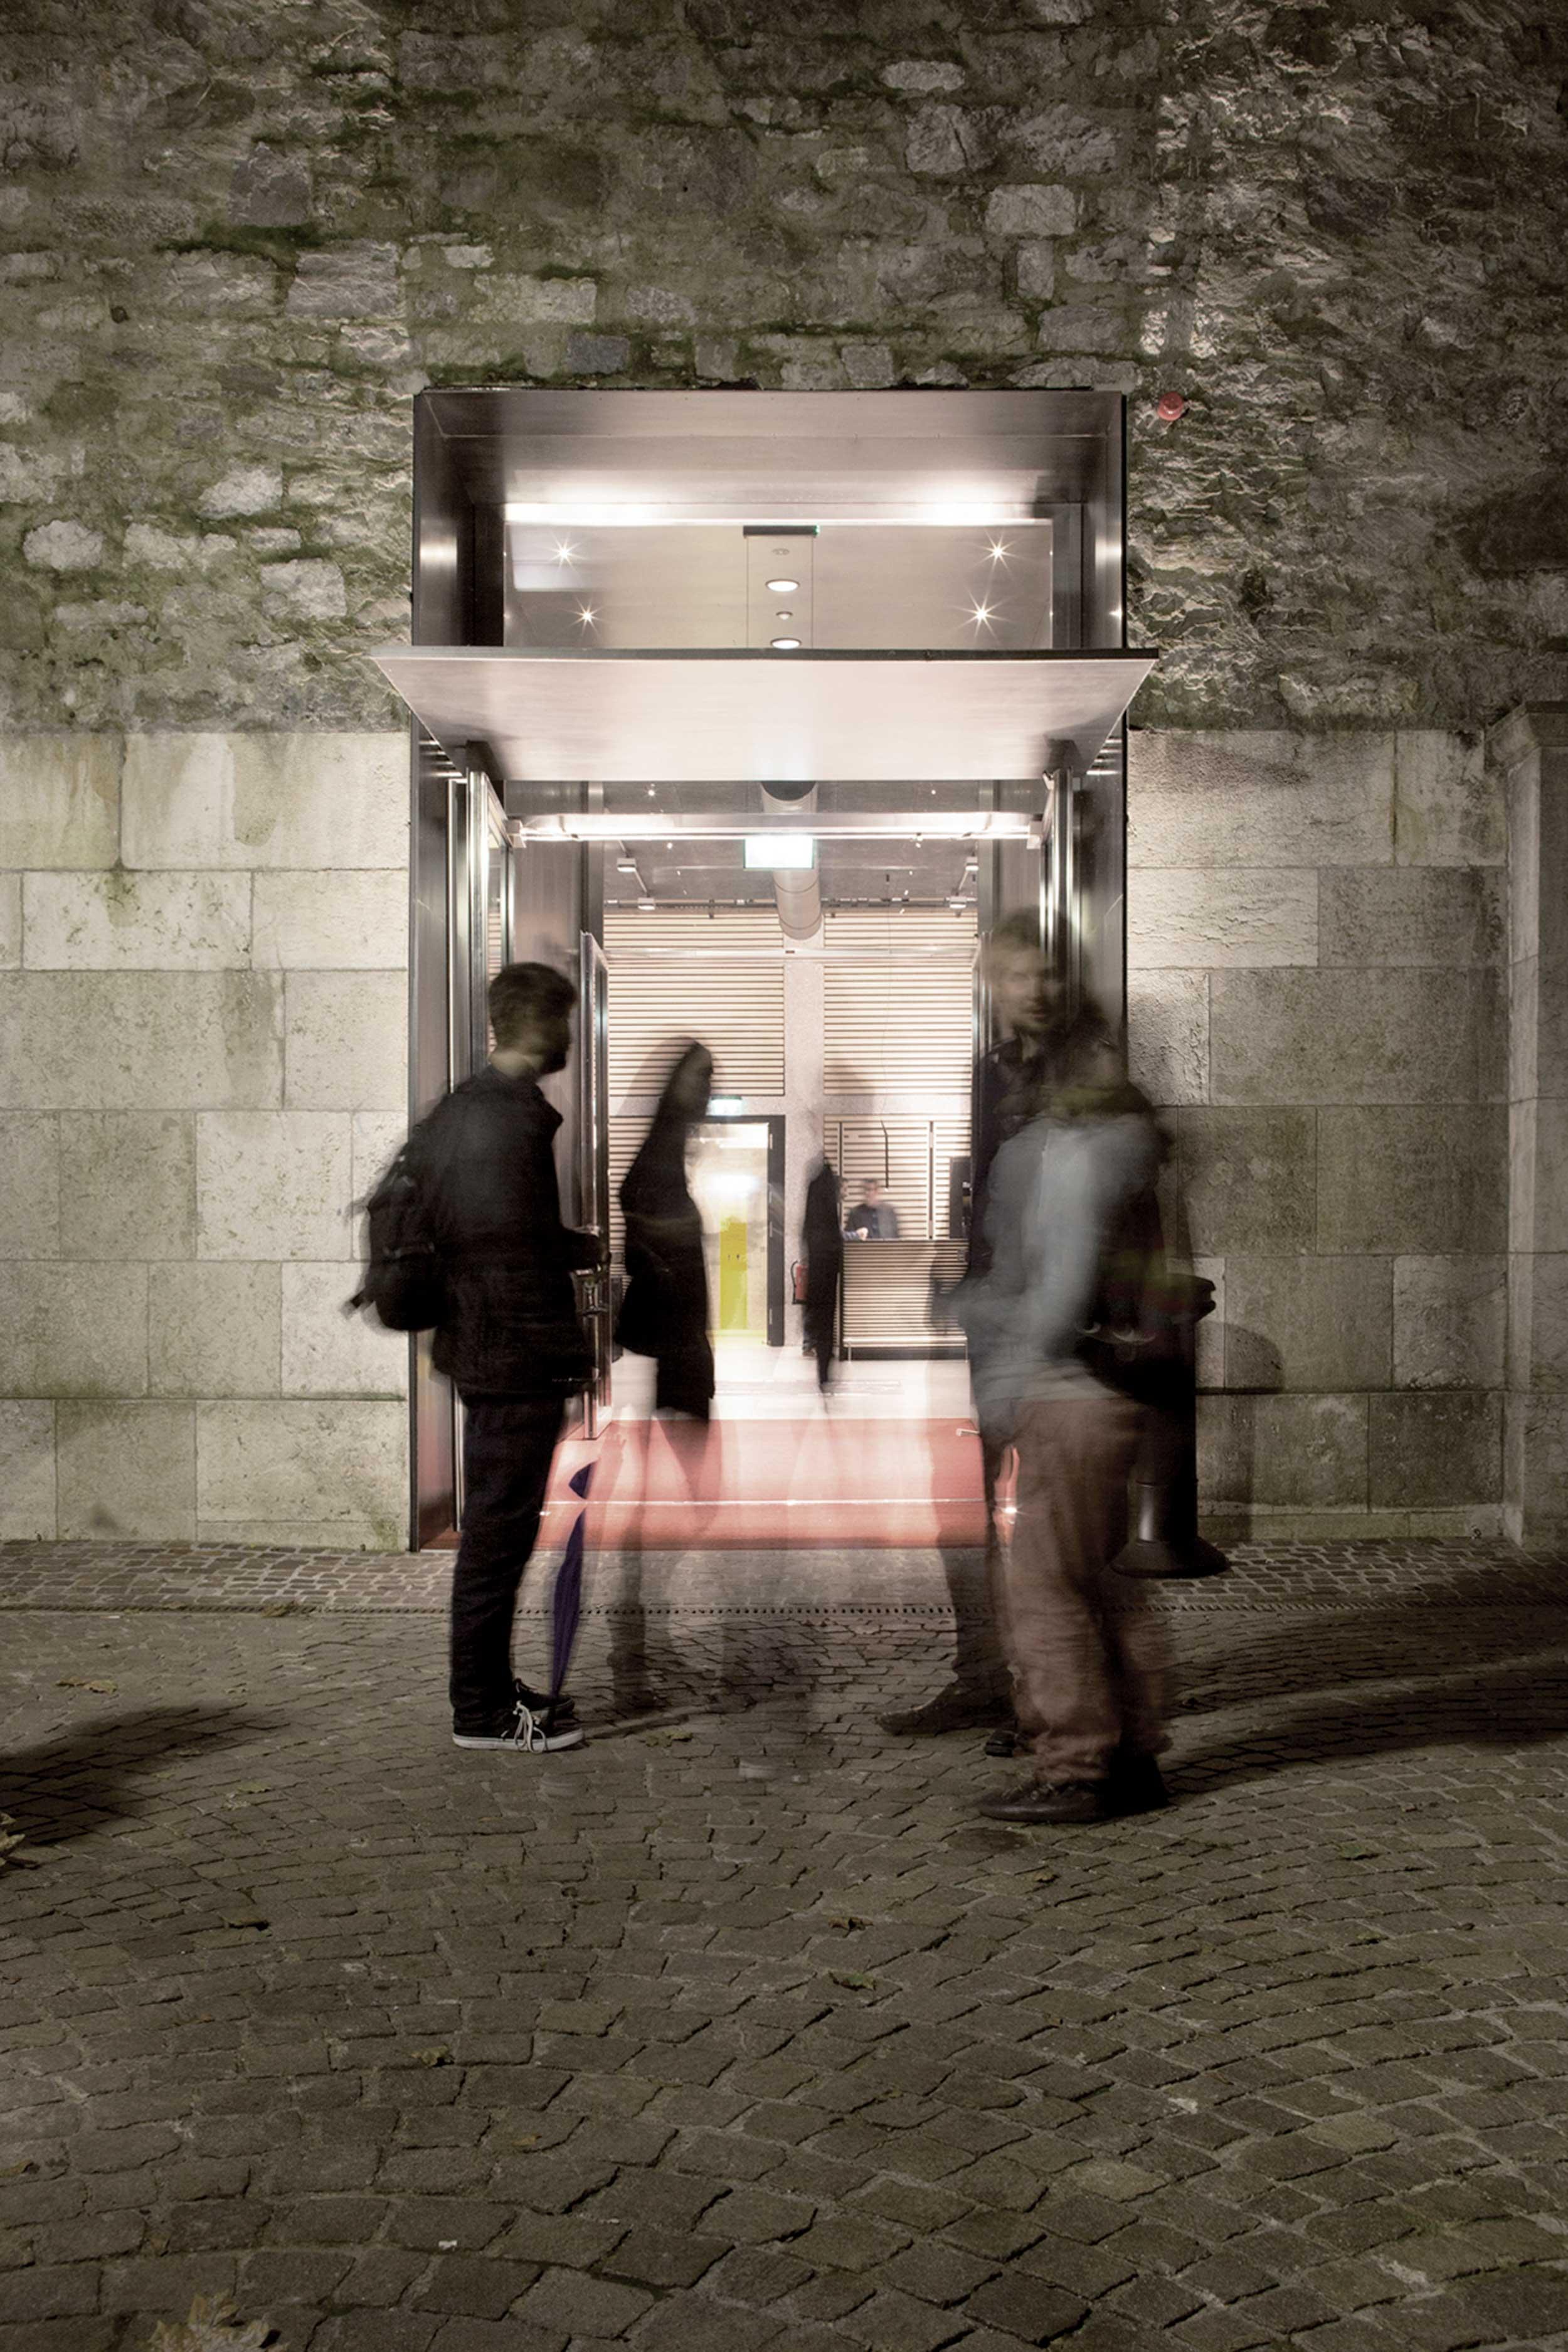 Au pied de la vieille-ville de Genève, une discrète porte d'entrée percée dans la muraille ouvre sur le centre multiculturel L'Abri.